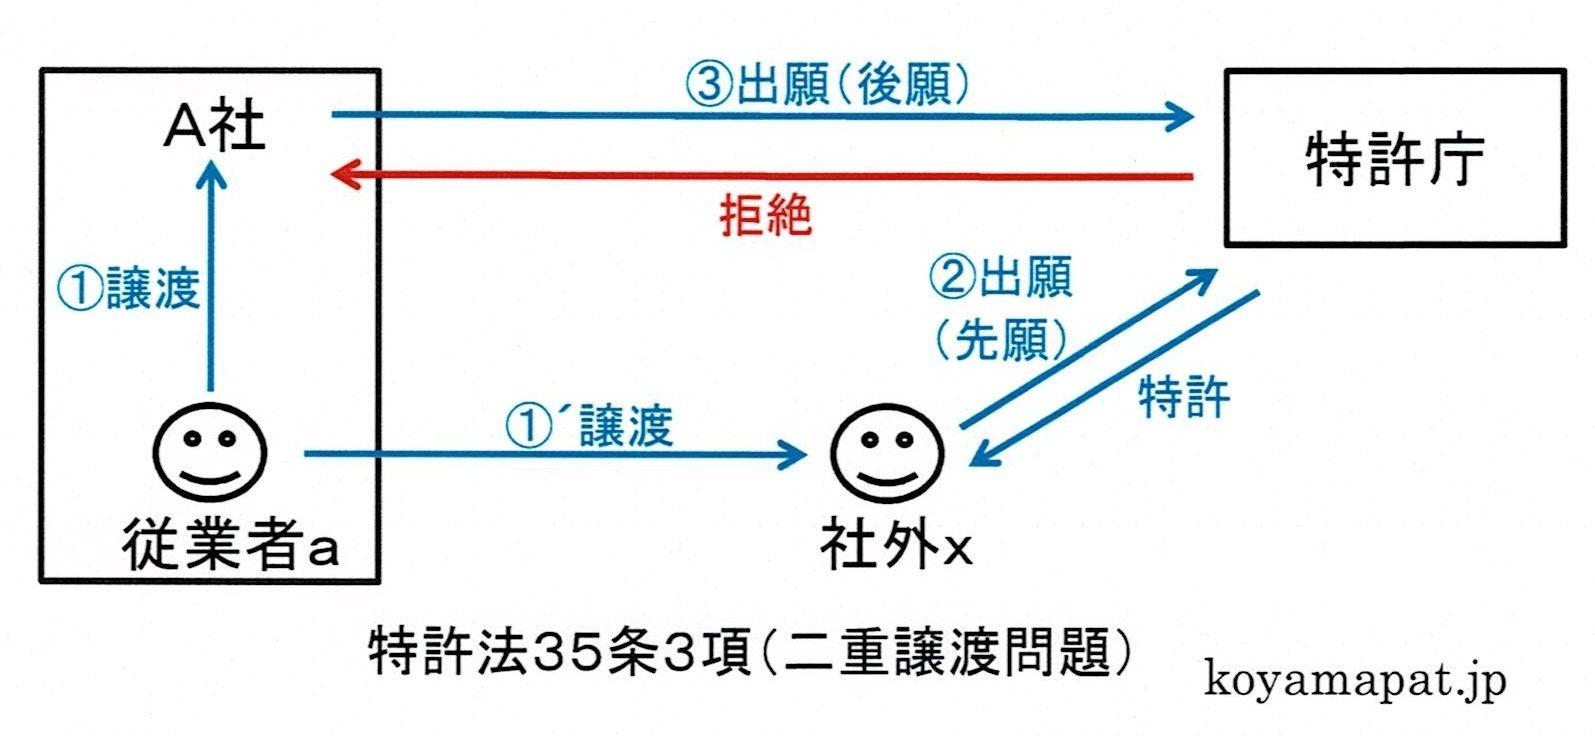 特許法35条3項(二重譲渡問題)